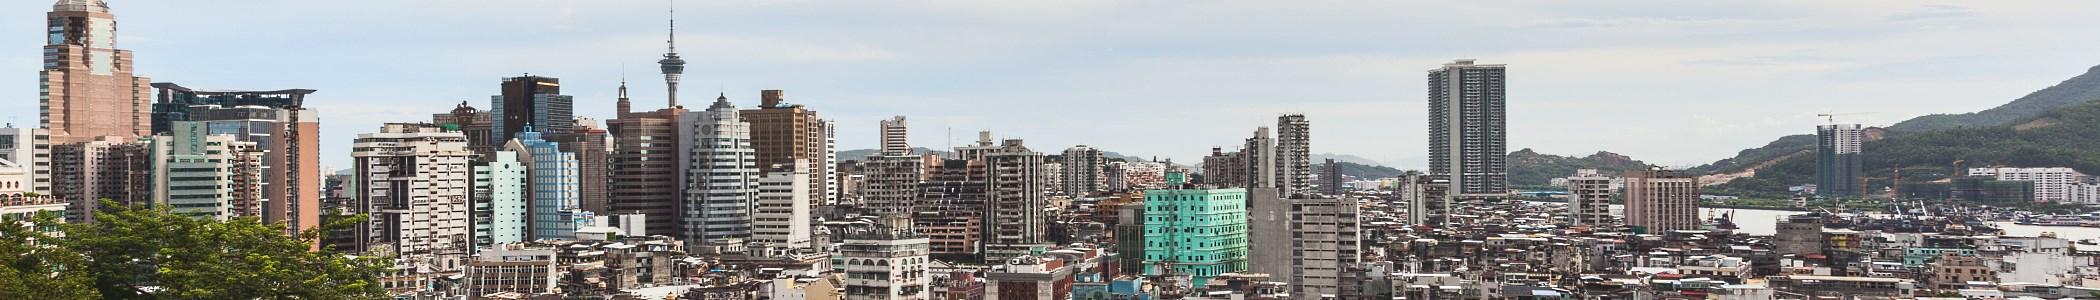 Macau banner